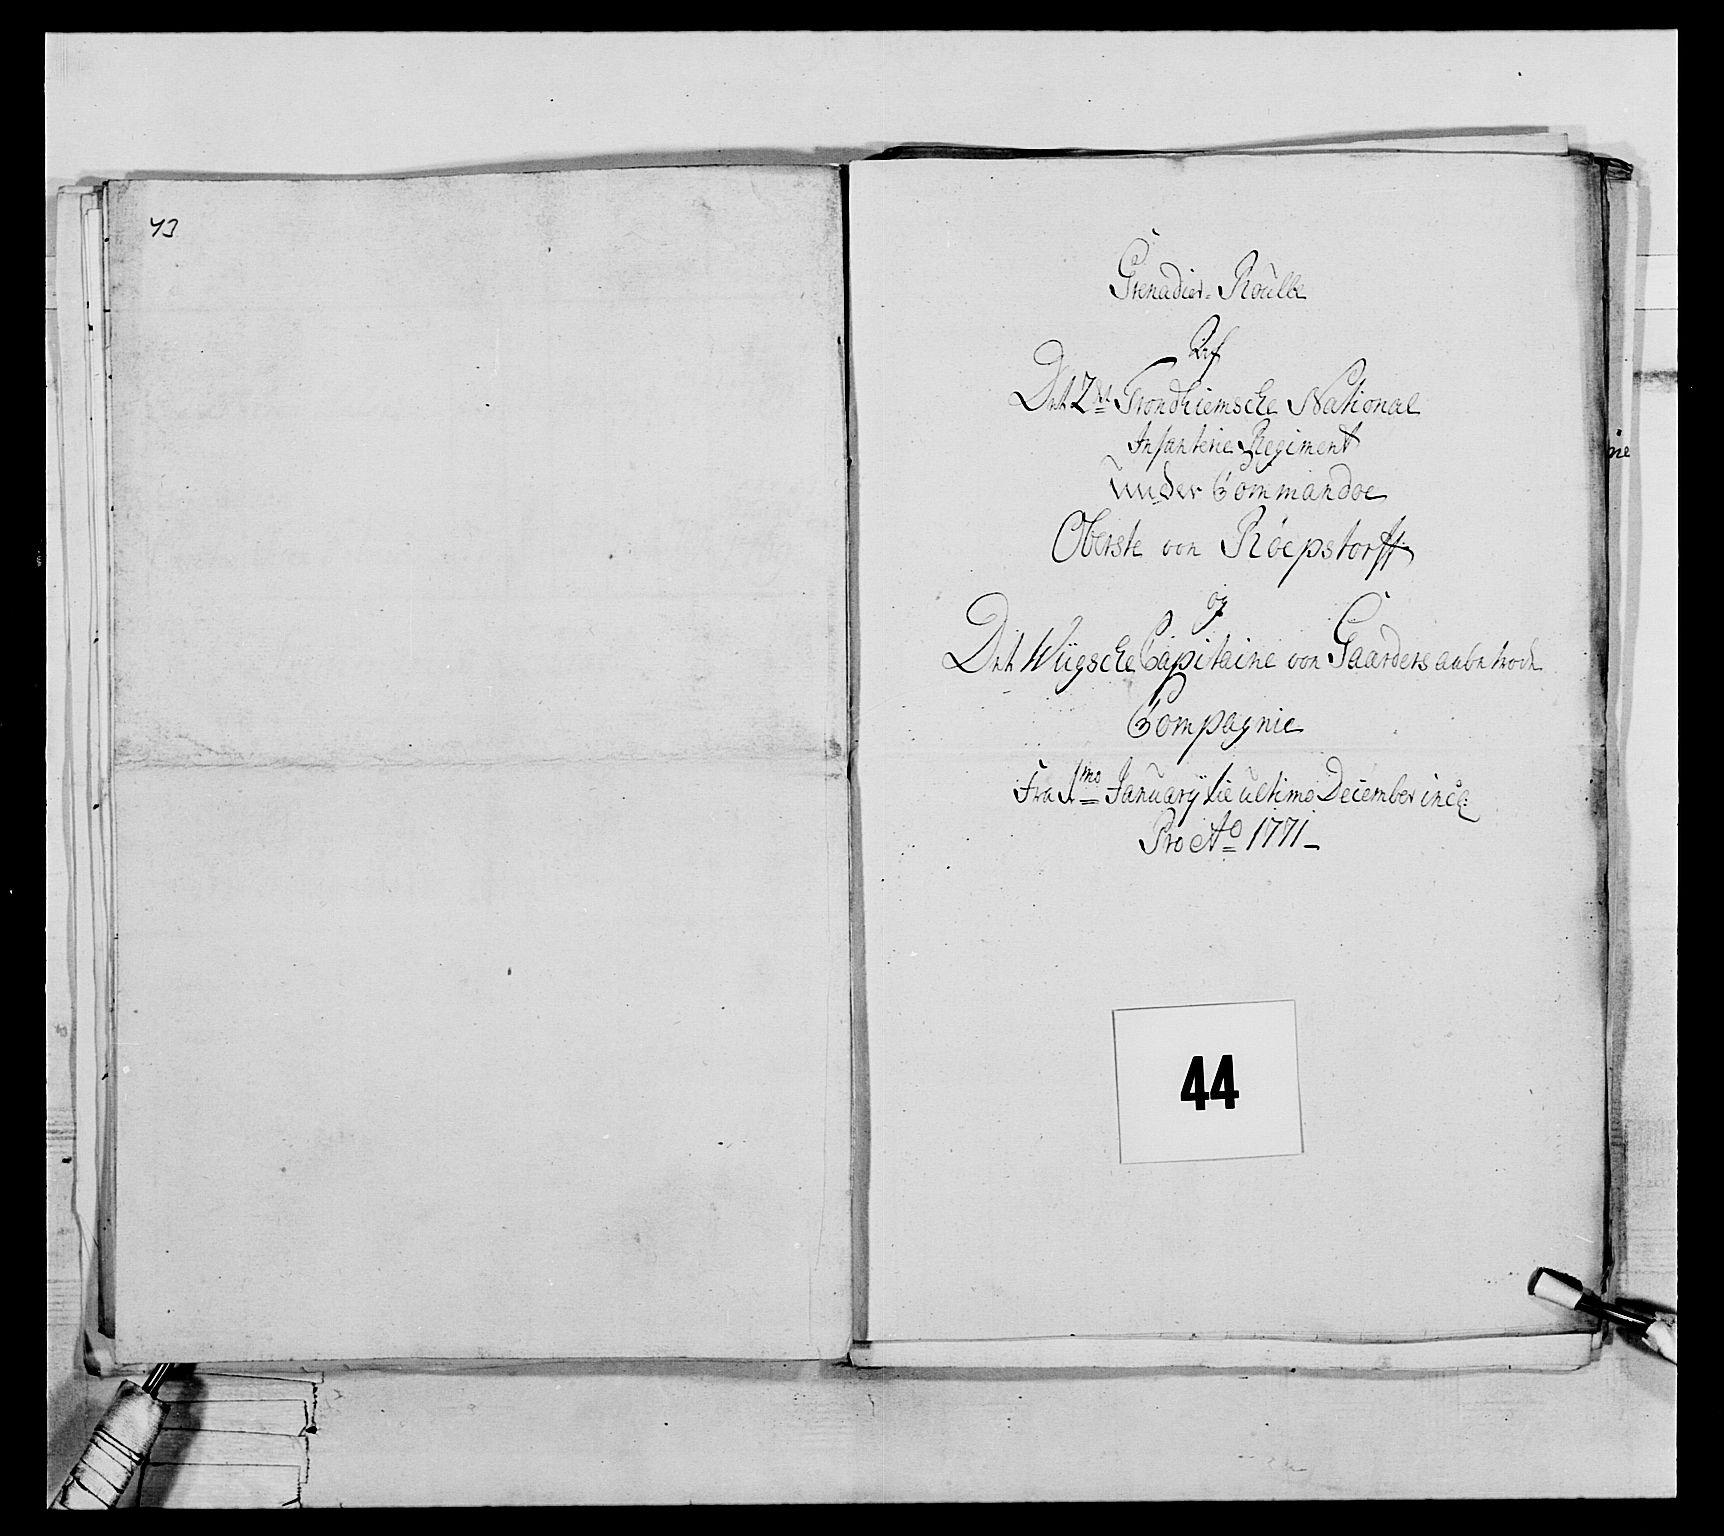 RA, Generalitets- og kommissariatskollegiet, Det kongelige norske kommissariatskollegium, E/Eh/L0076: 2. Trondheimske nasjonale infanteriregiment, 1766-1773, s. 140